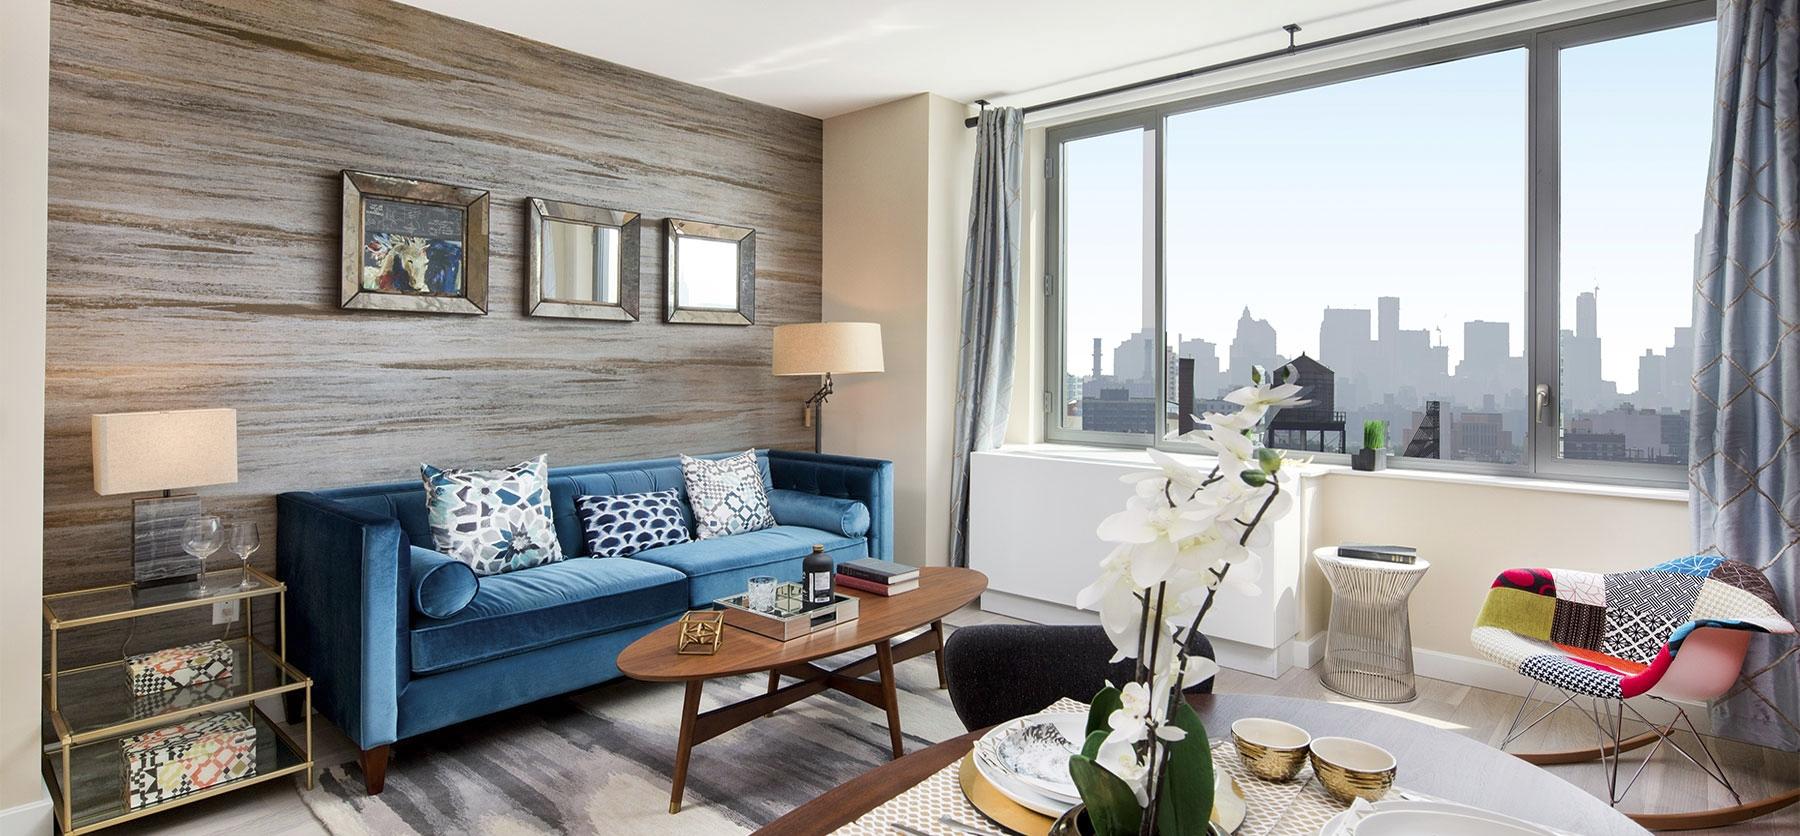 QLIC Apartment Rentals (@qlicapartment) Cover Image